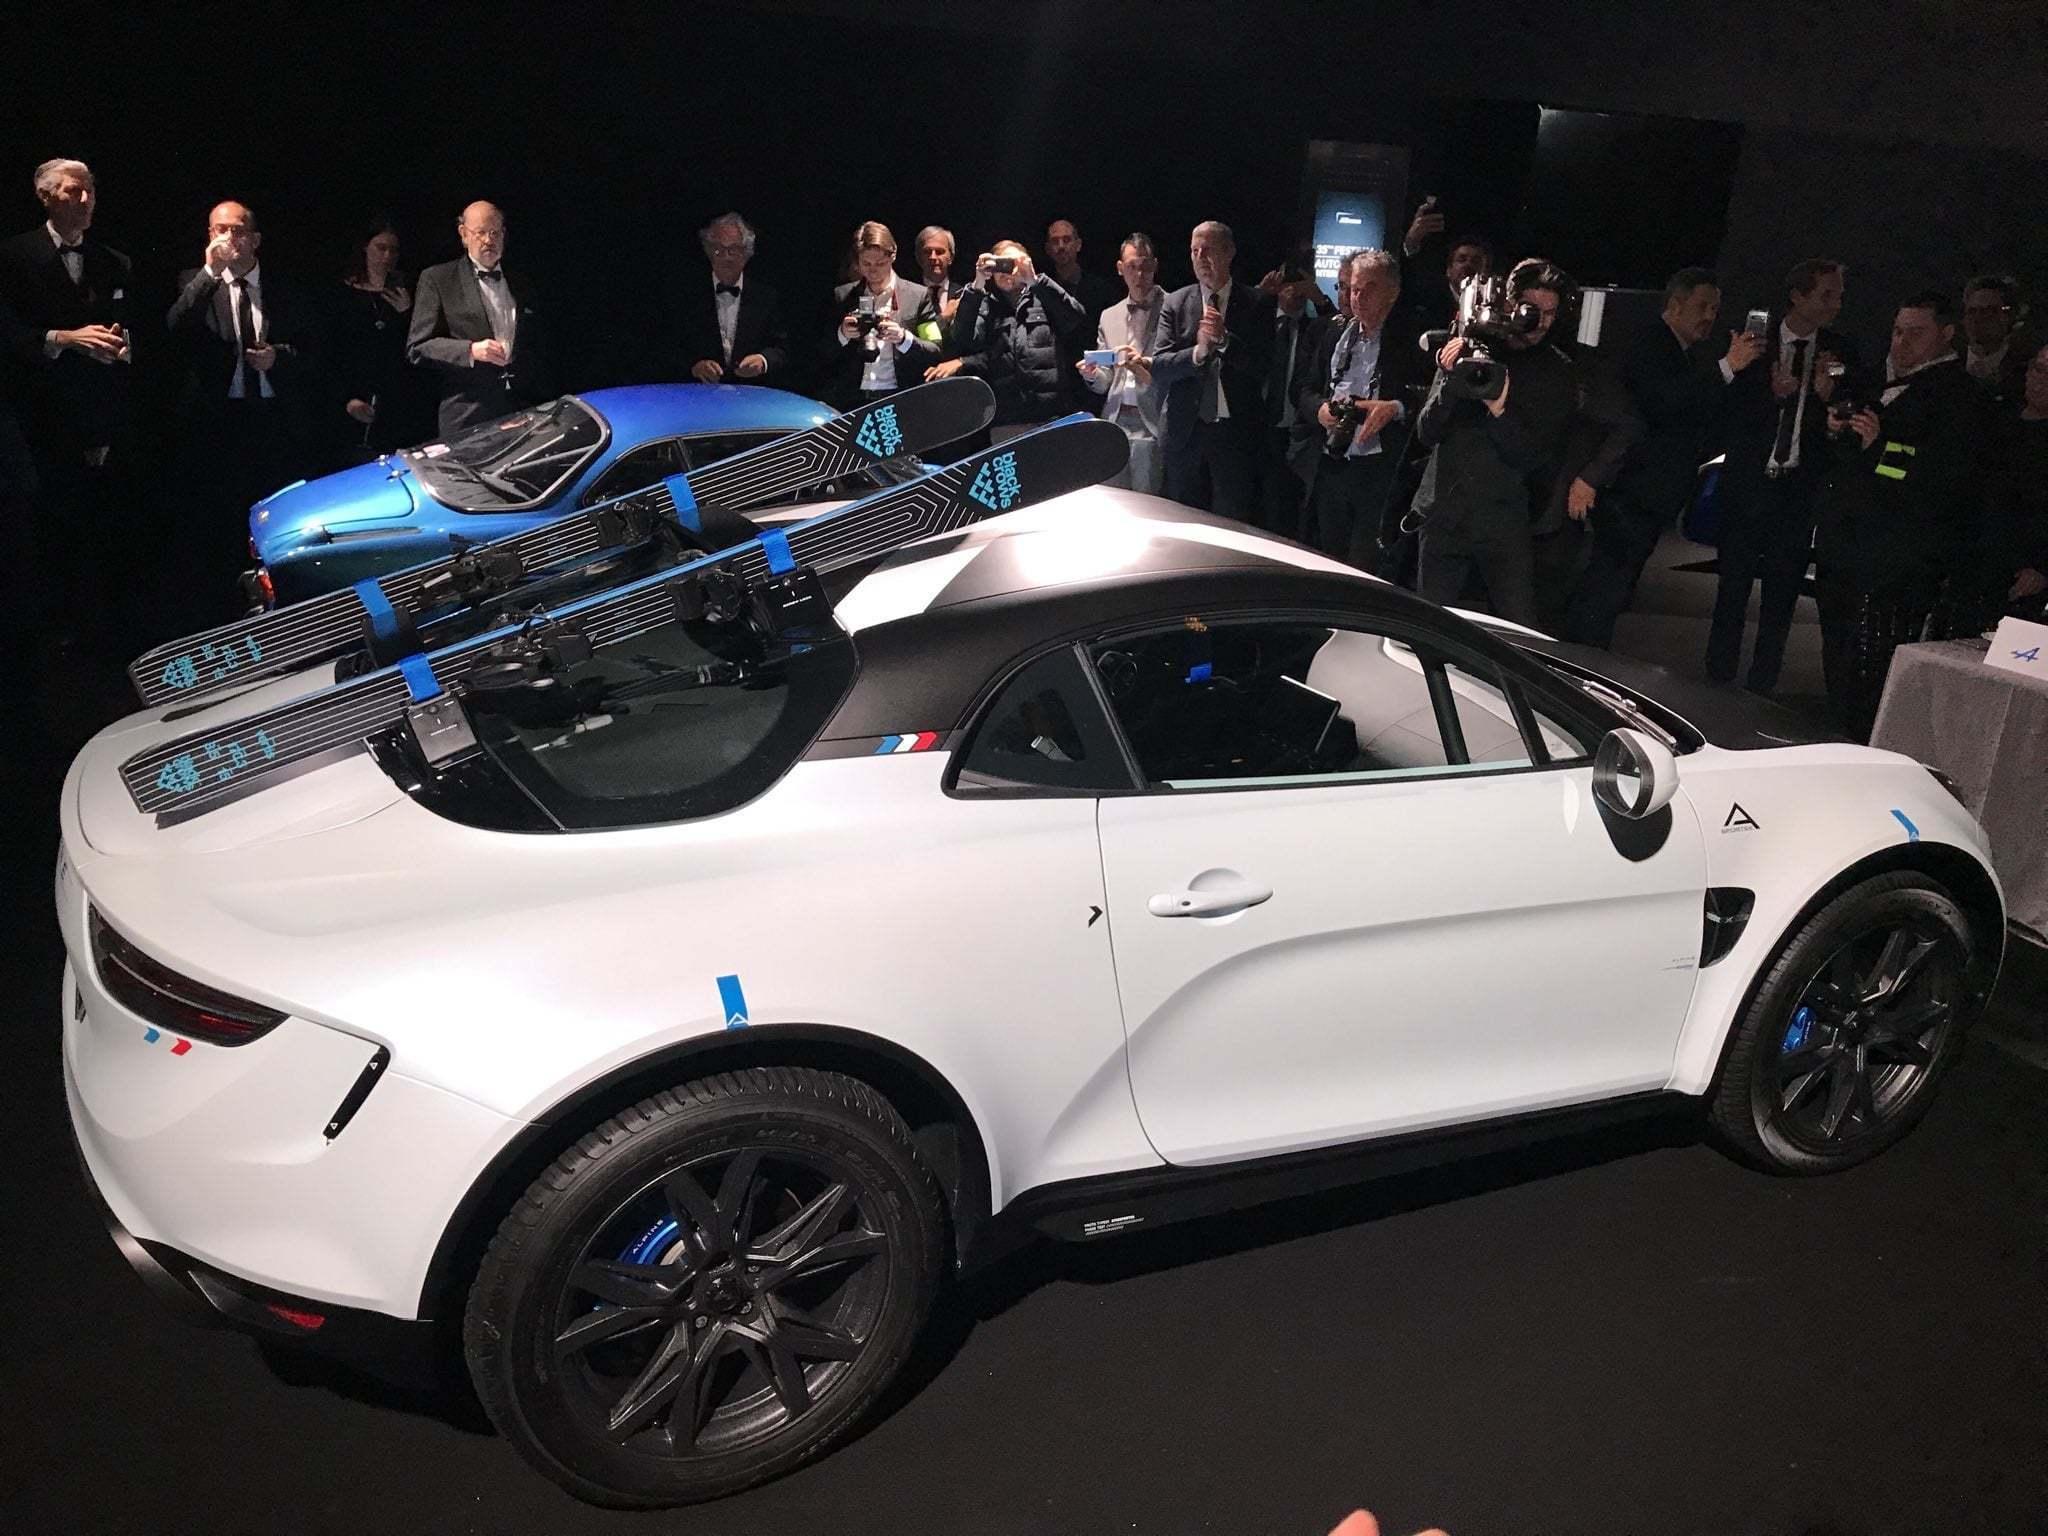 ALPINE a110 sport sx AR | Alpine révèle le concept A110 sports X au Festival Automobile International